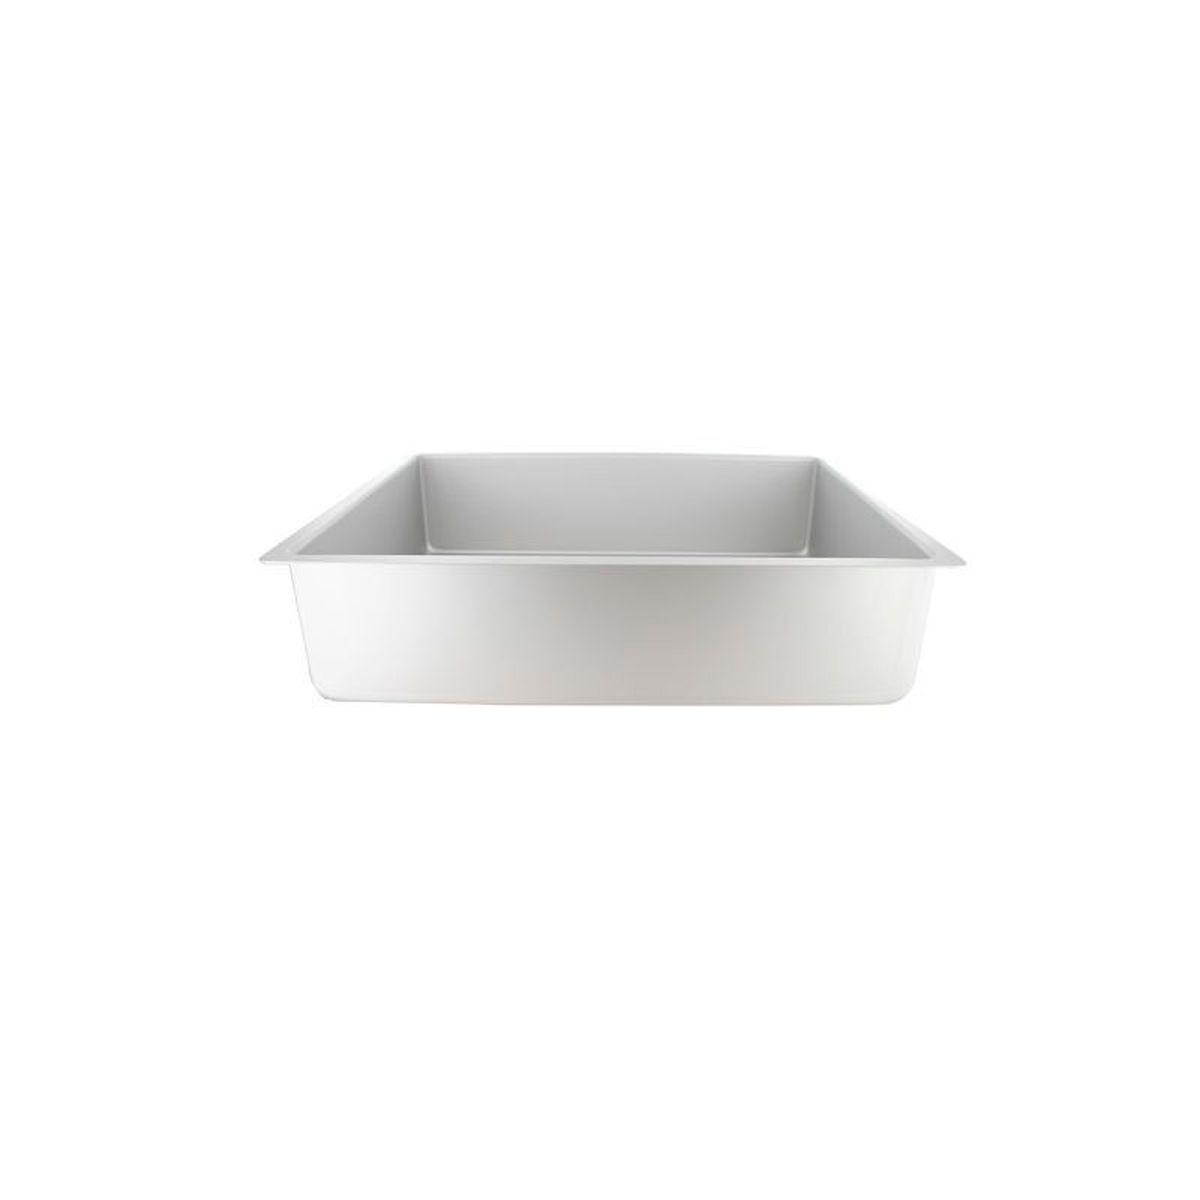 Moule à bords hauts rectangulaire en aluminium 28 x 39 cm hauteur 10 cm - Patisdecor